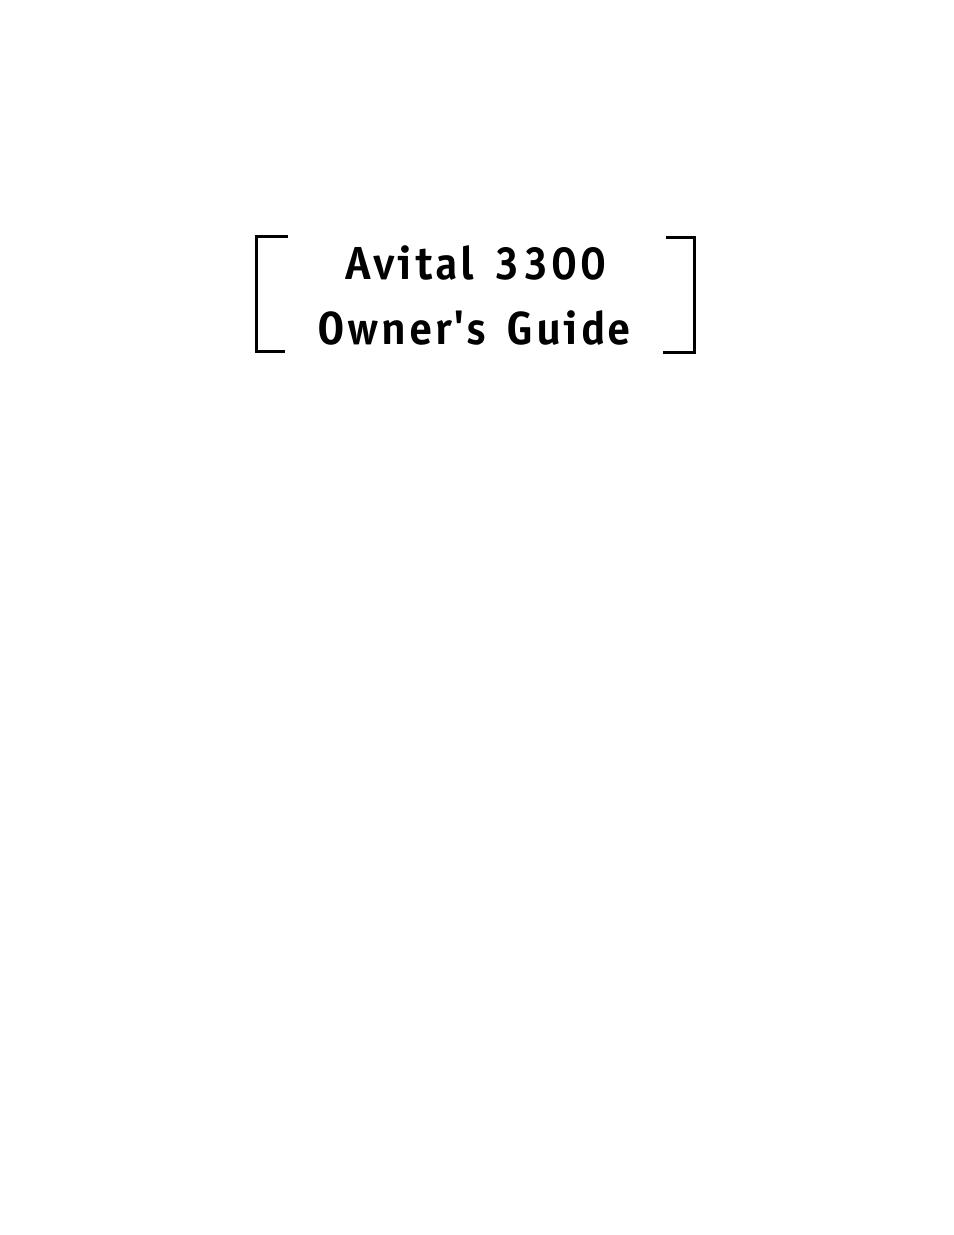 medium resolution of avital 3300 user manual 40 pages rh manualsdir com avital remote start wiring diagram avital remote